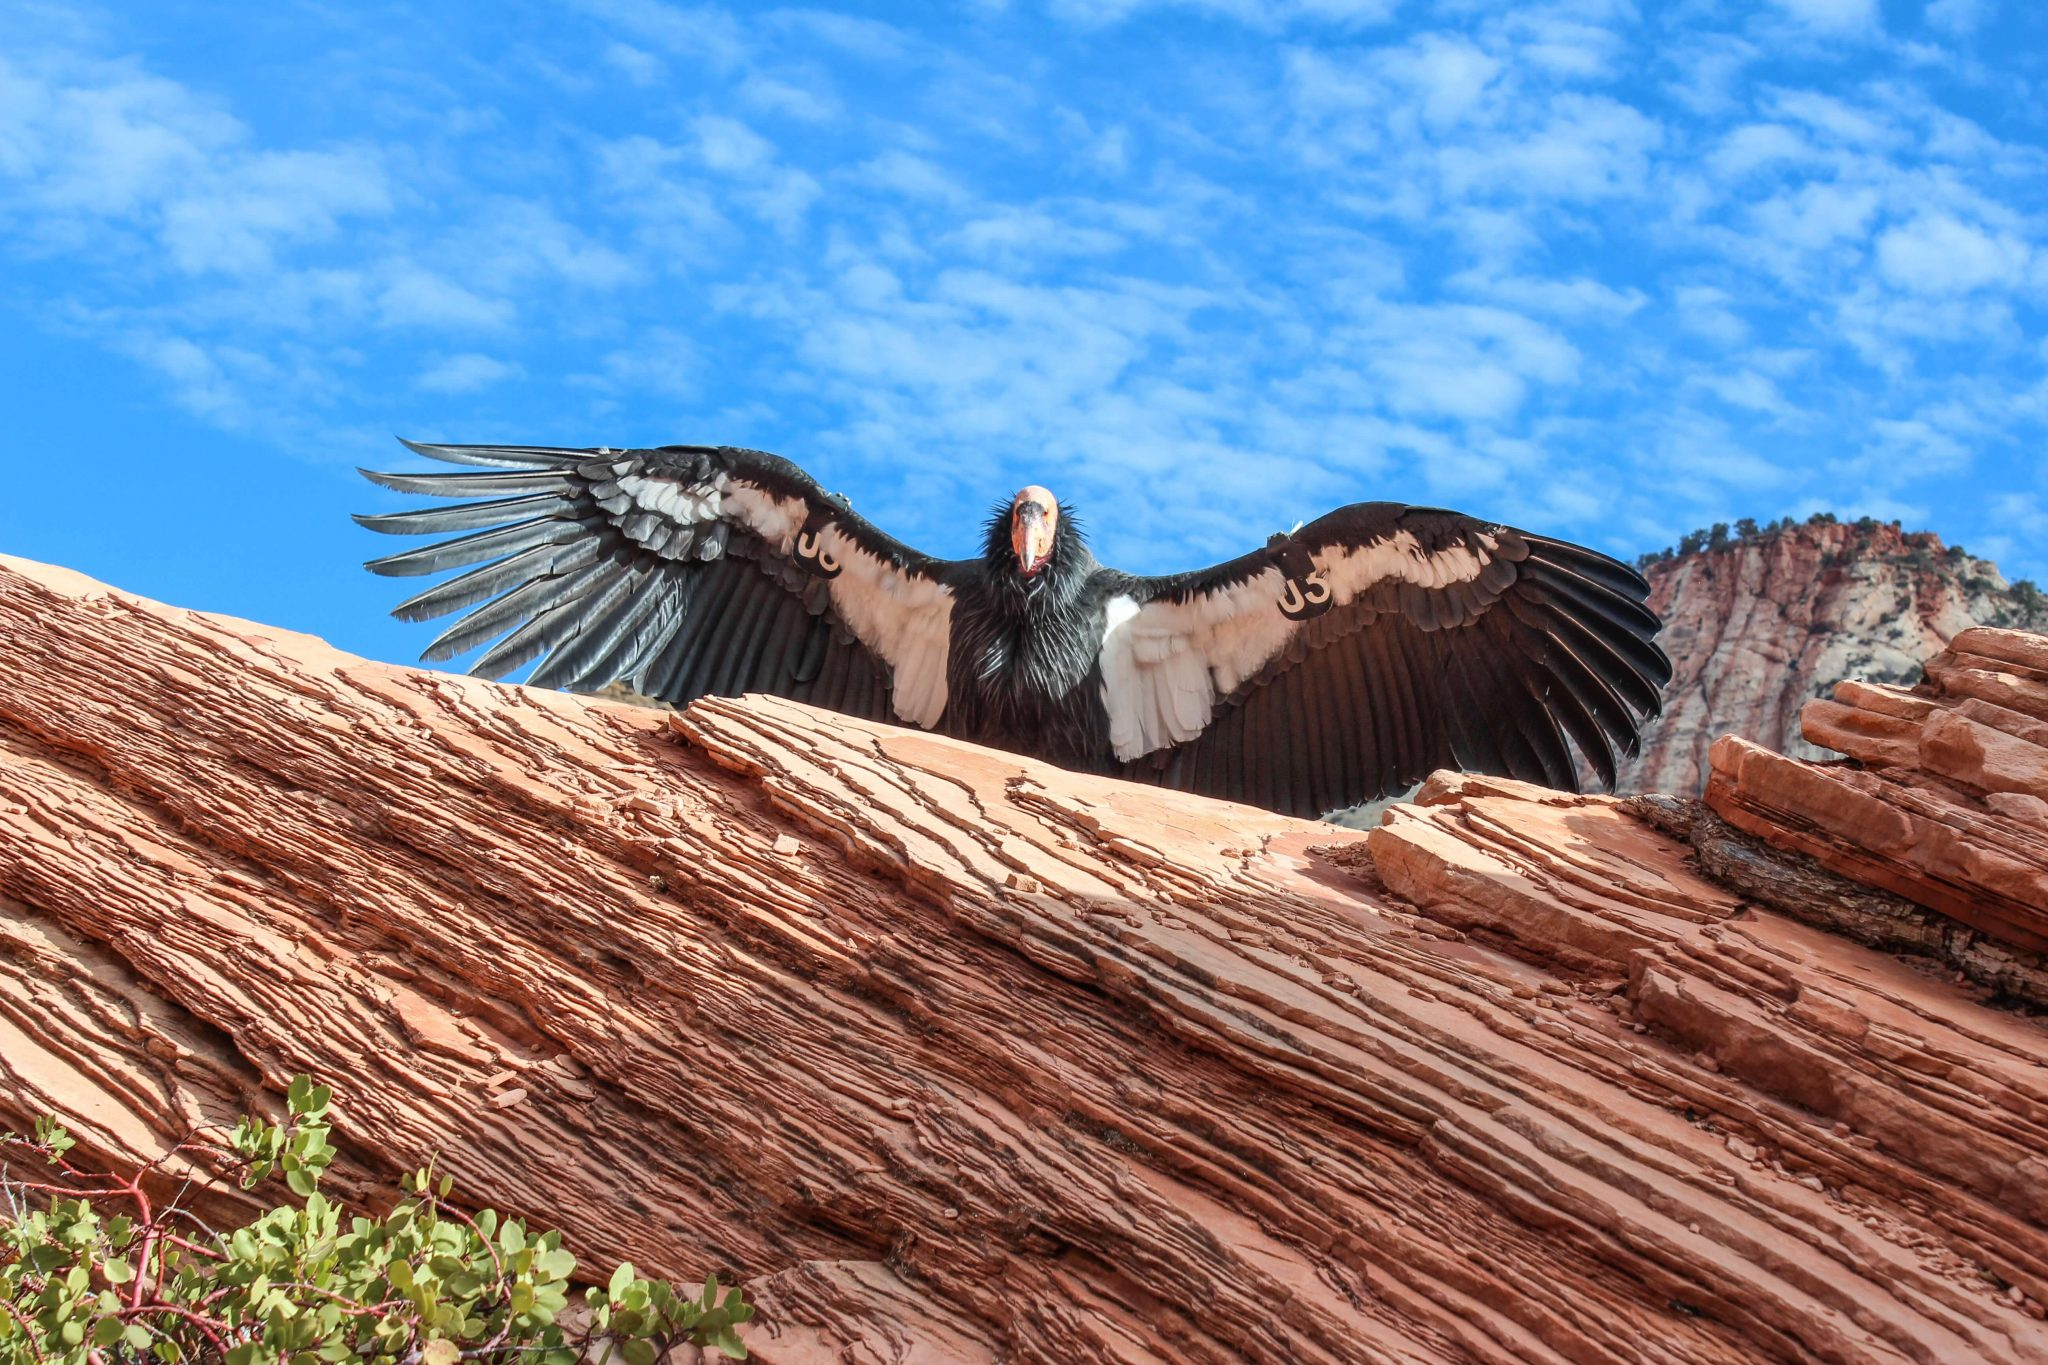 banner-wildlife-condor-wingspan-utah